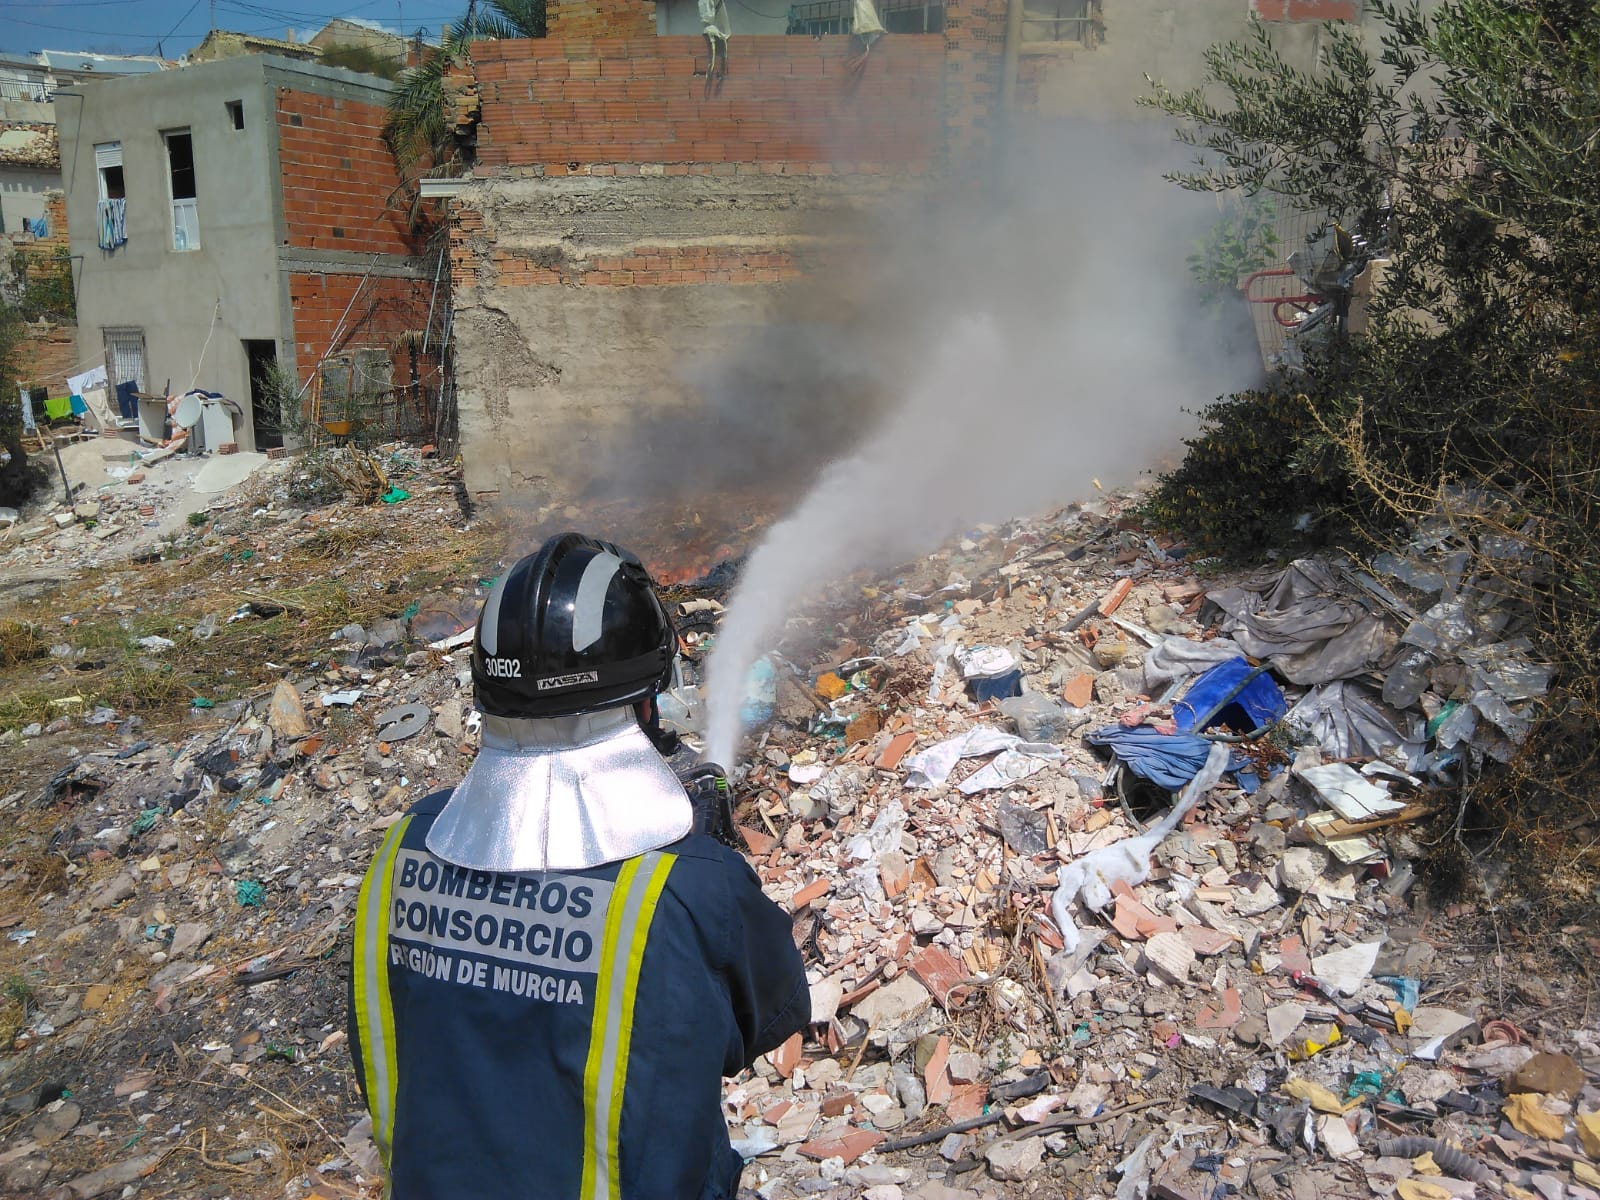 los-bomberos-de-cieza-extinguen-un-incendio-declarado-en-el-cabezo-de-la-fuensantilla